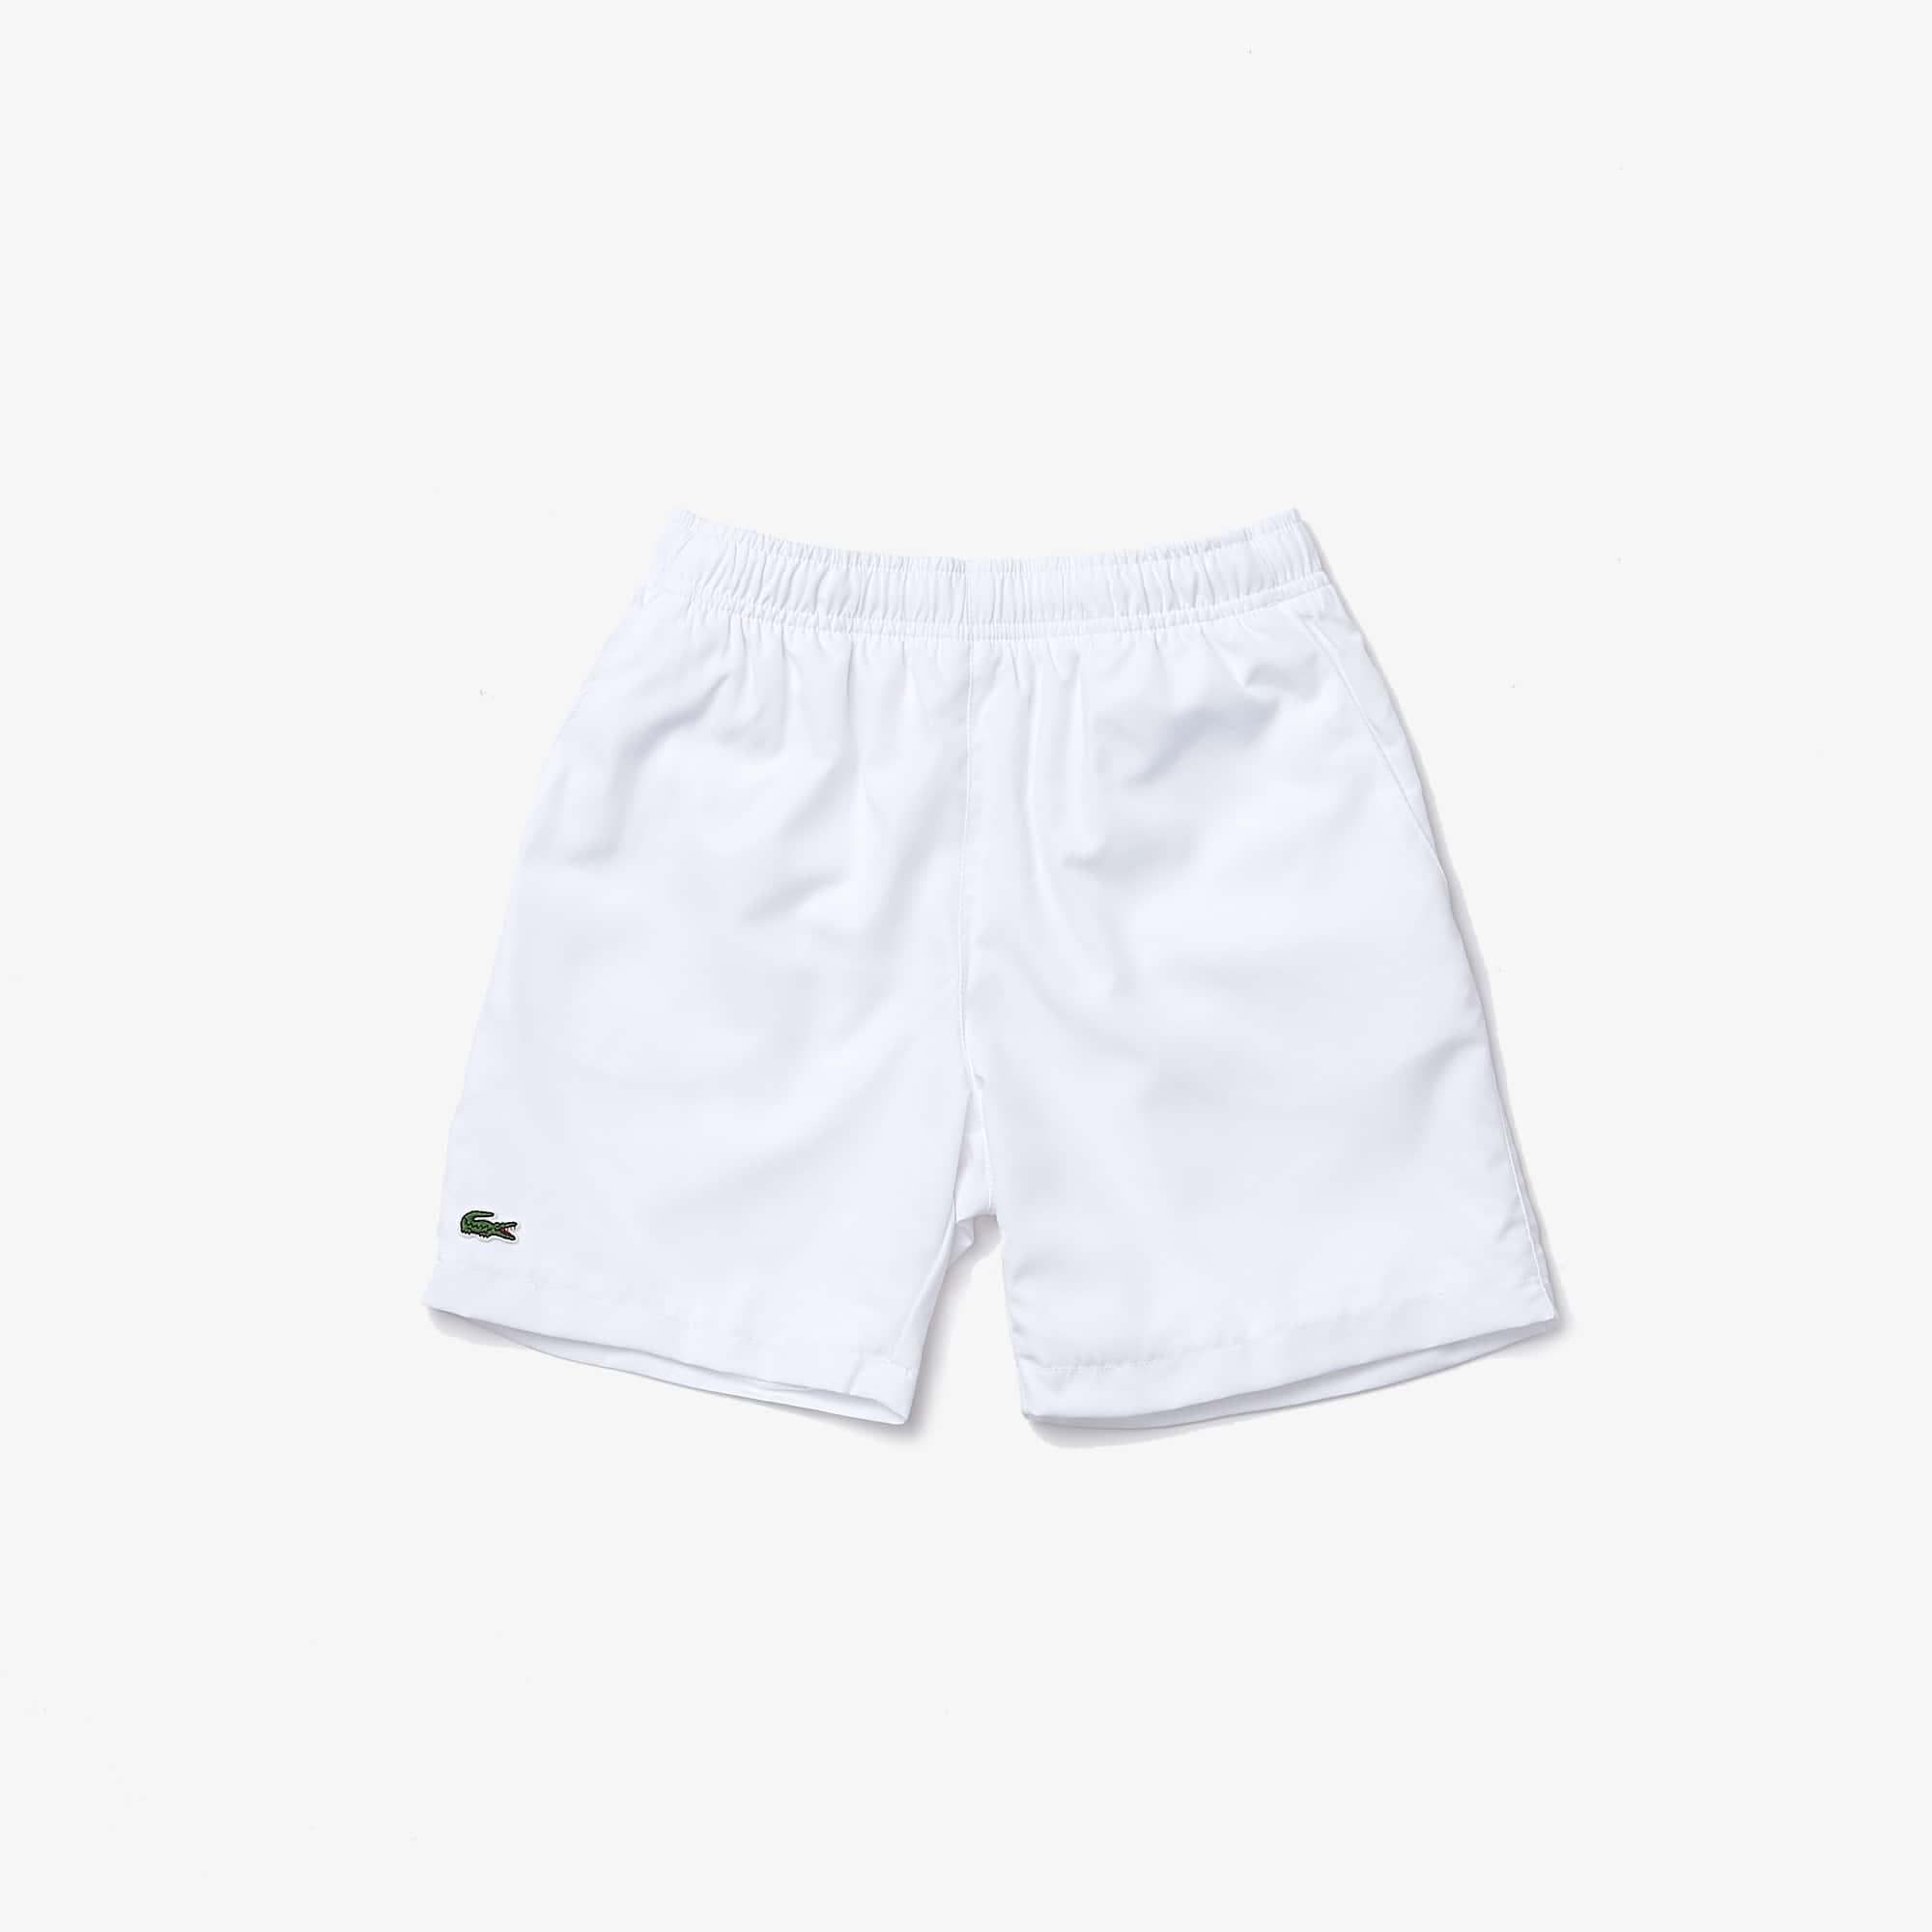 Lacoste Pantaloncini da Bagno Bambino